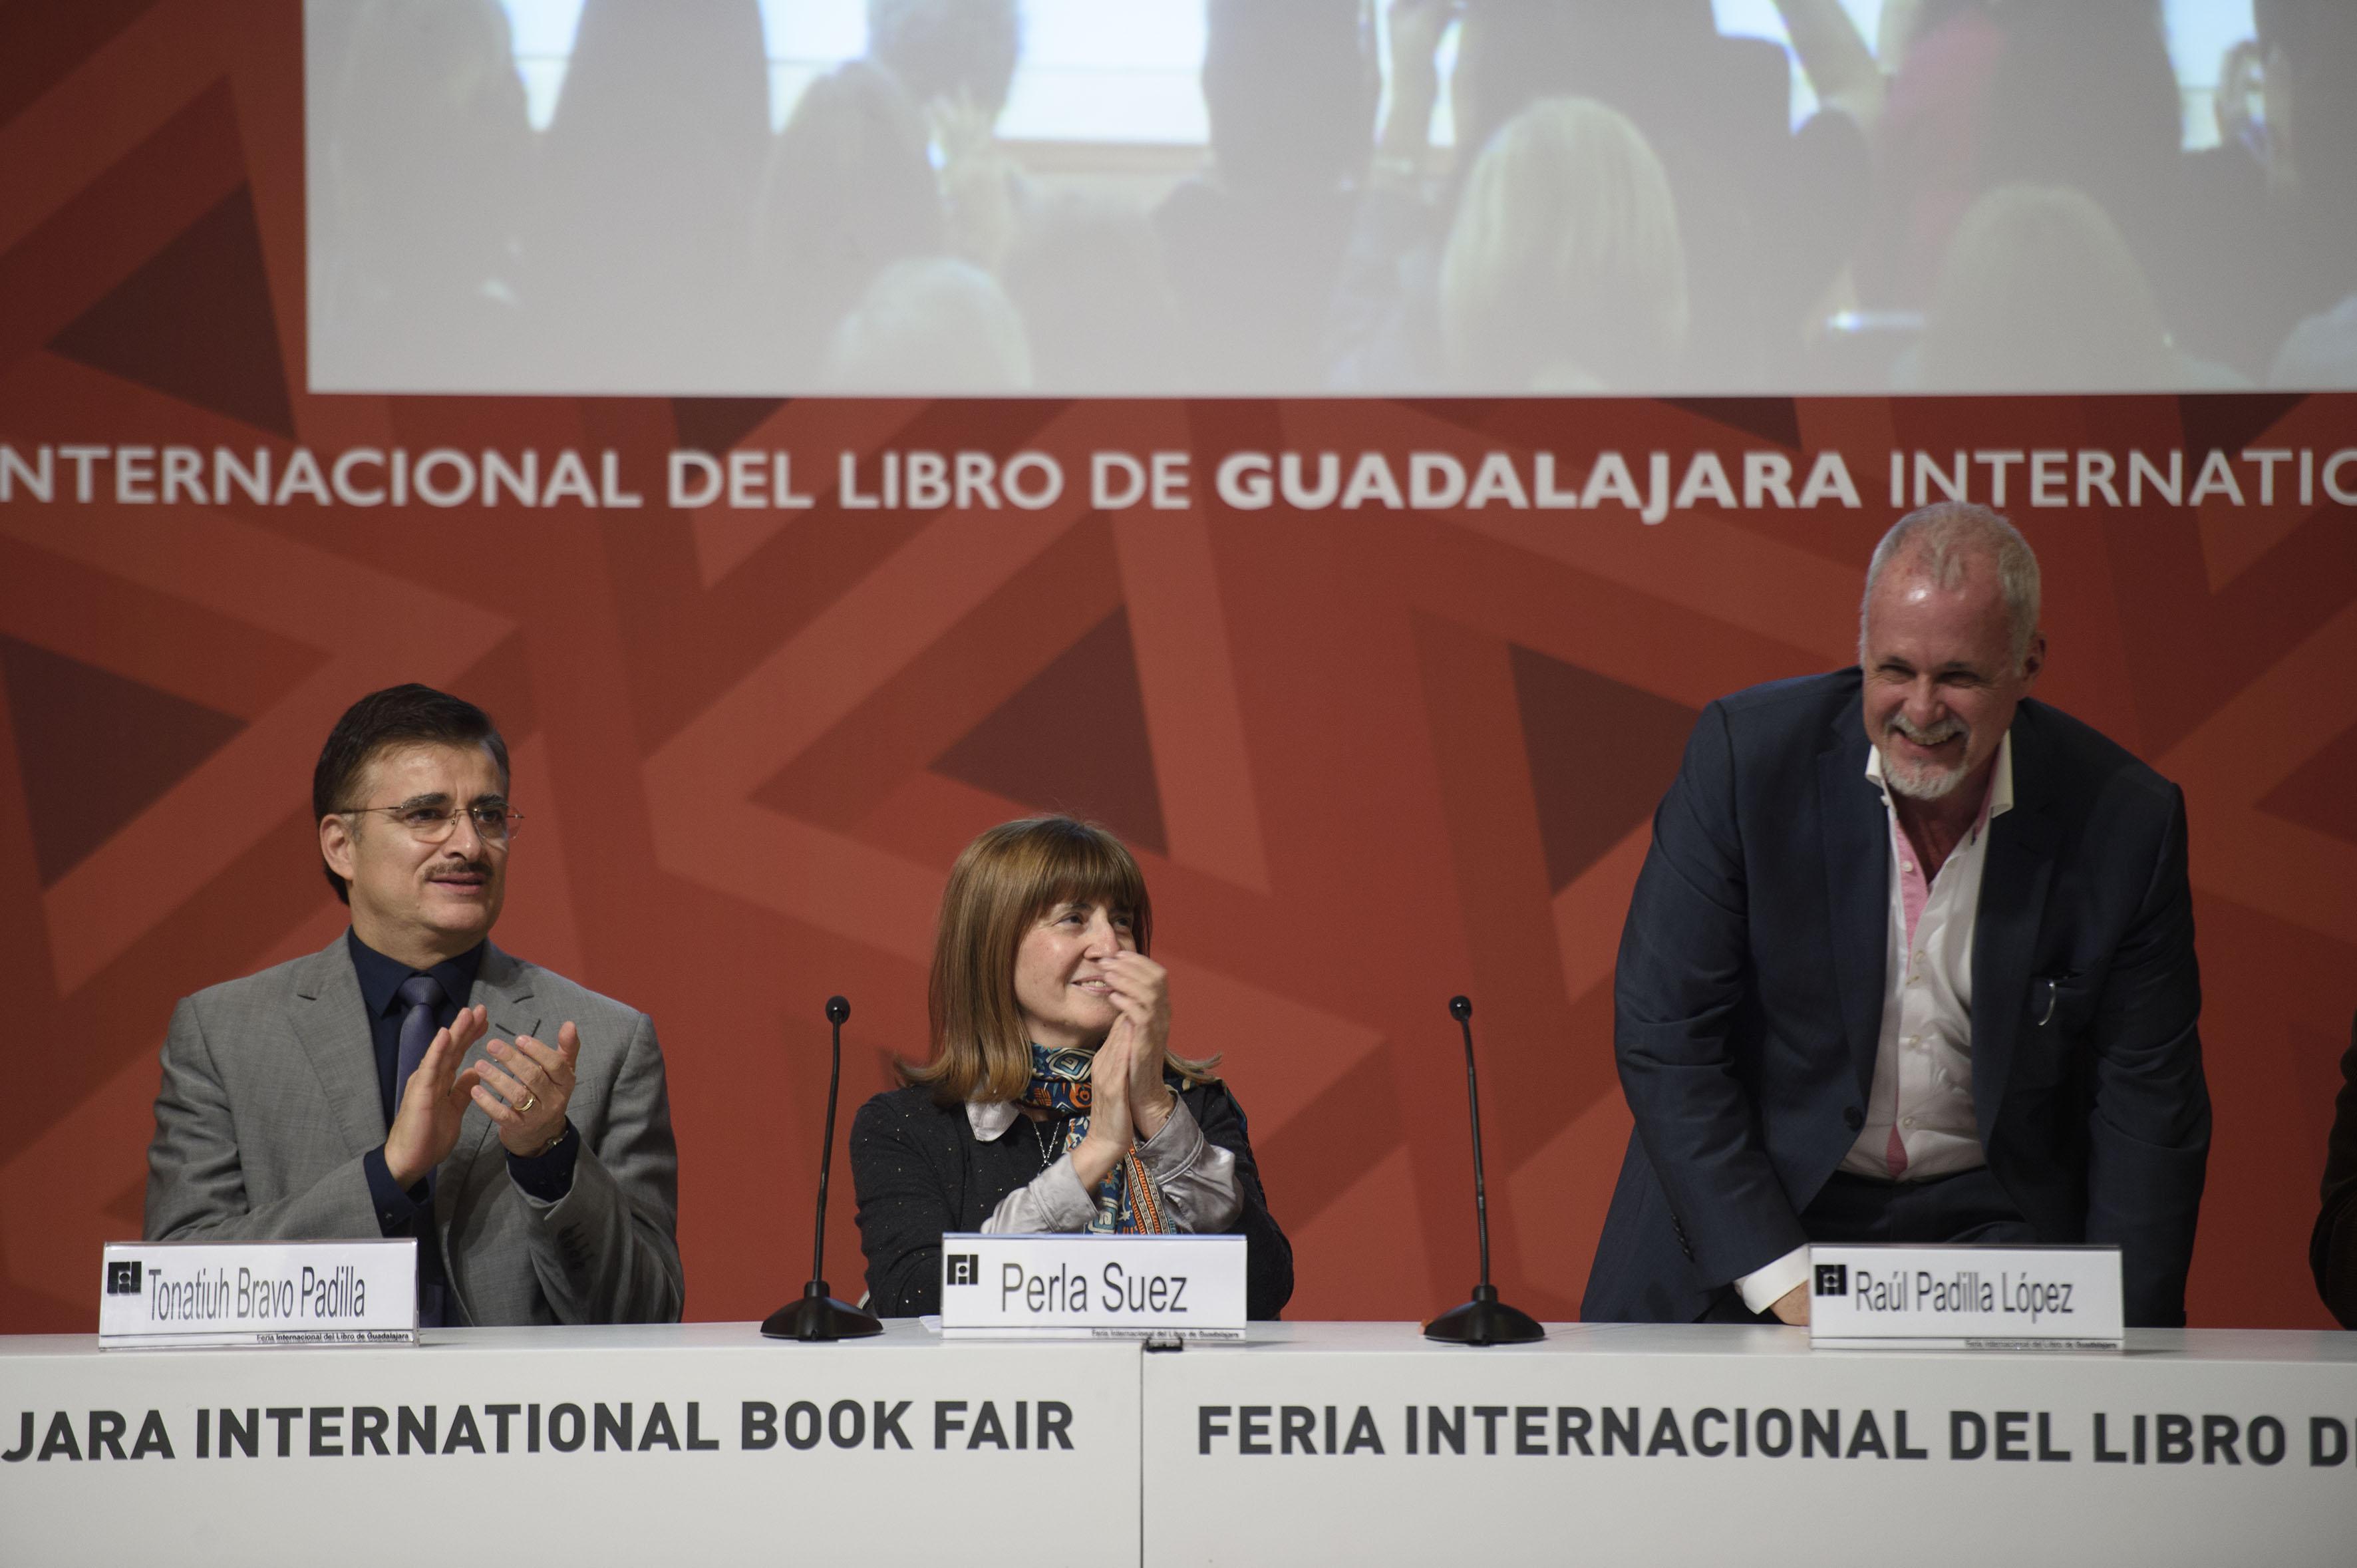 Lic. Raul Padilla López participante durante la ceremonia del Premio Sor Juana  Ines de la Cruz 2015